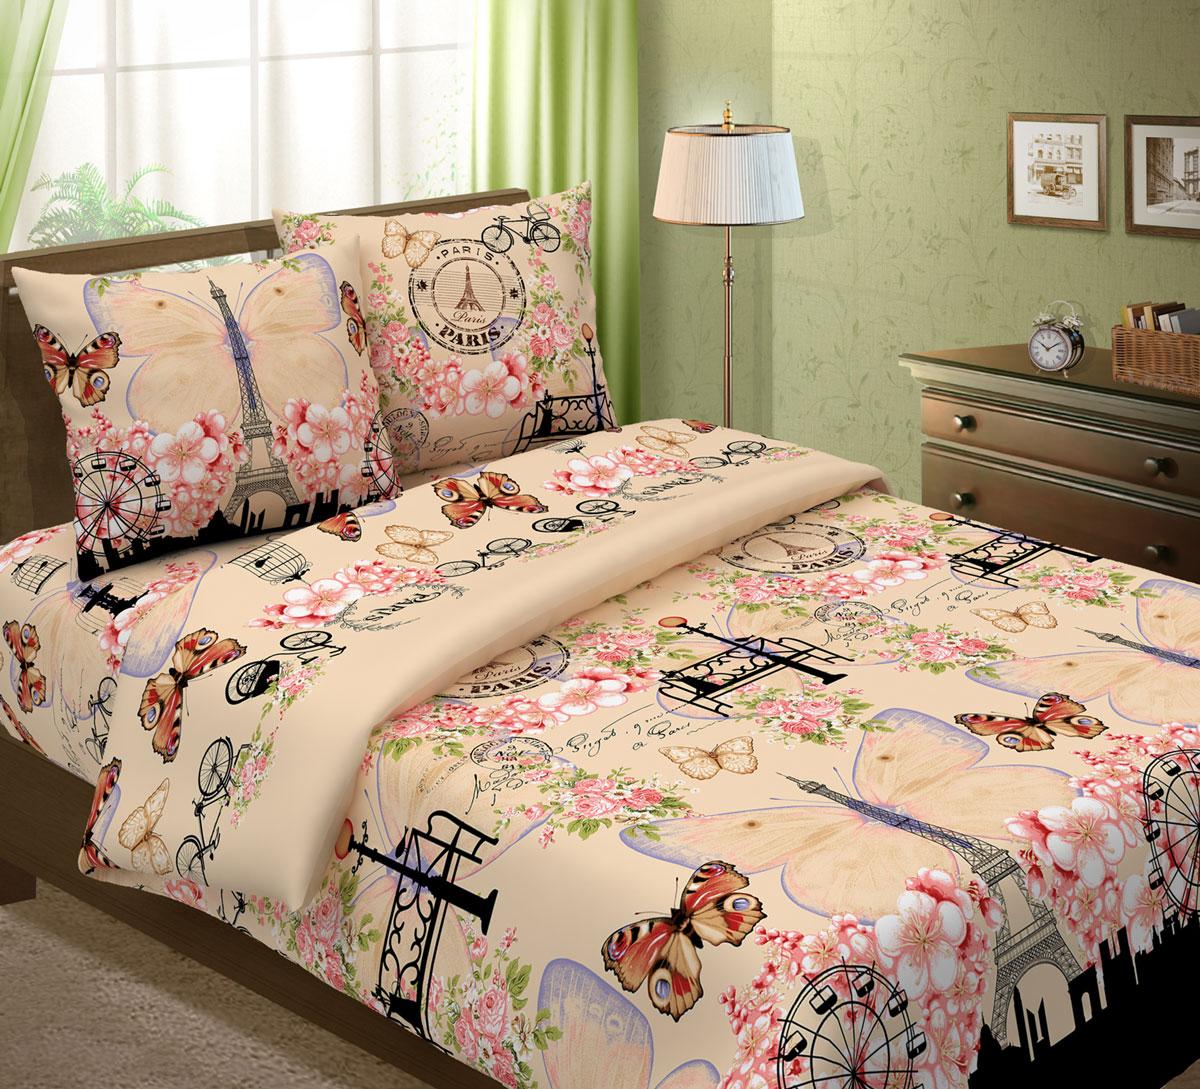 Комплект белья Seta Бонжур, 2-спальный, наволочки 50x70, цвет: бежевый01523610